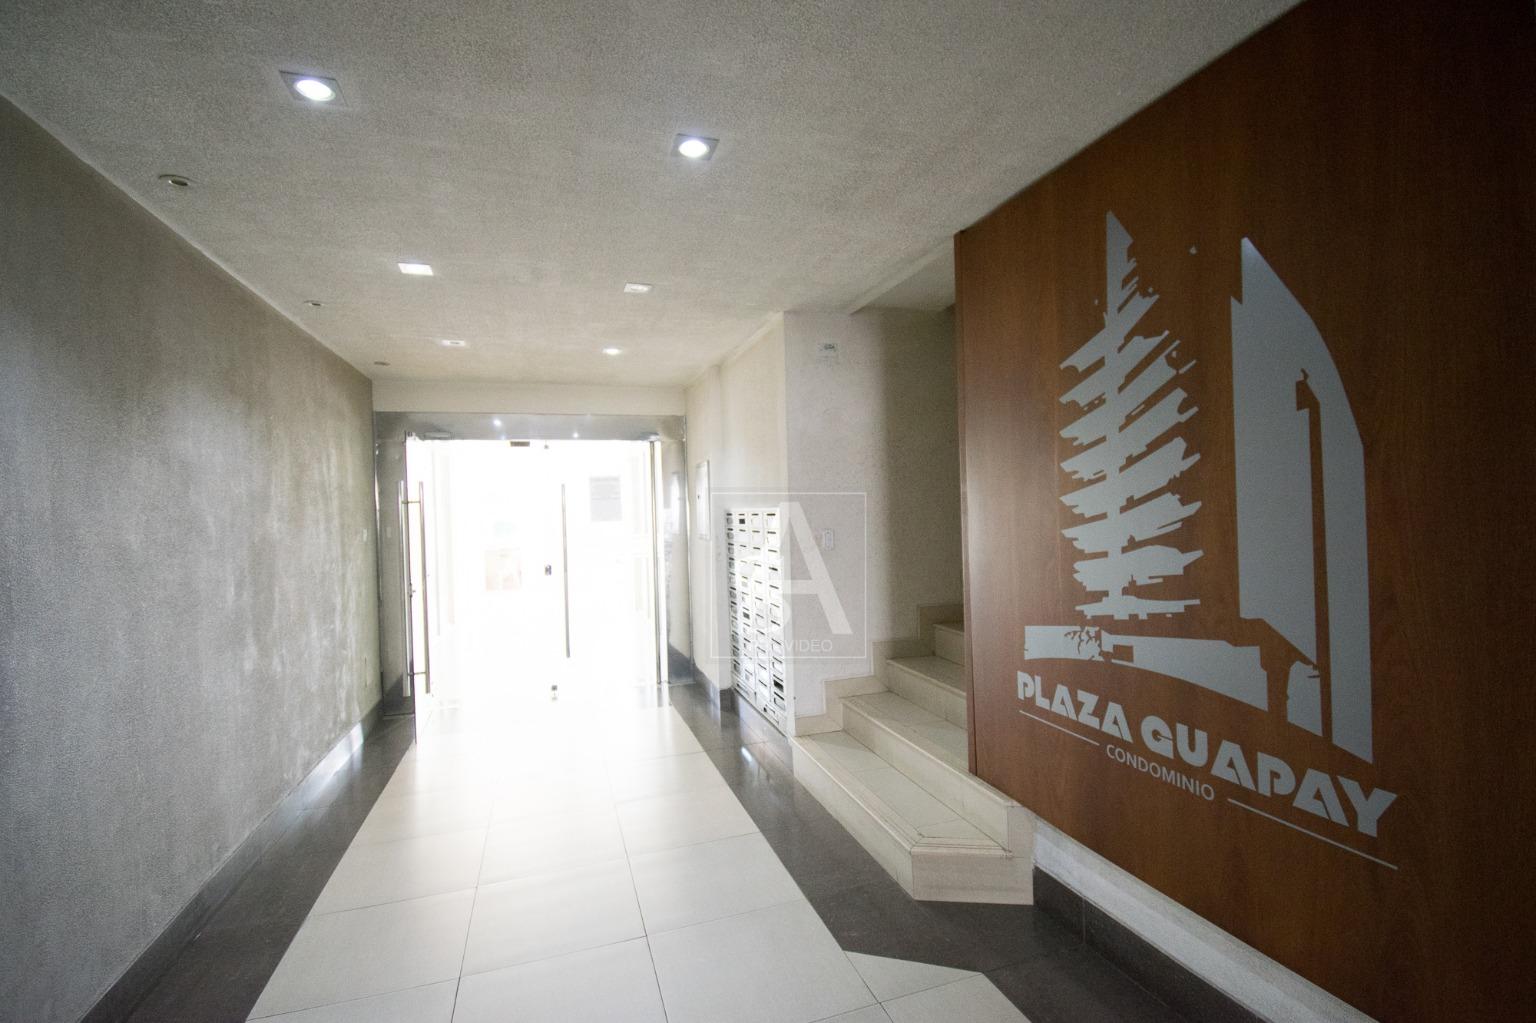 Departamento en Venta DEPARTAMENTO EN VENTA - CONDOMINIO PLAZA GUAPAY - 166.60 m². - AV. GUAPAY Foto 28